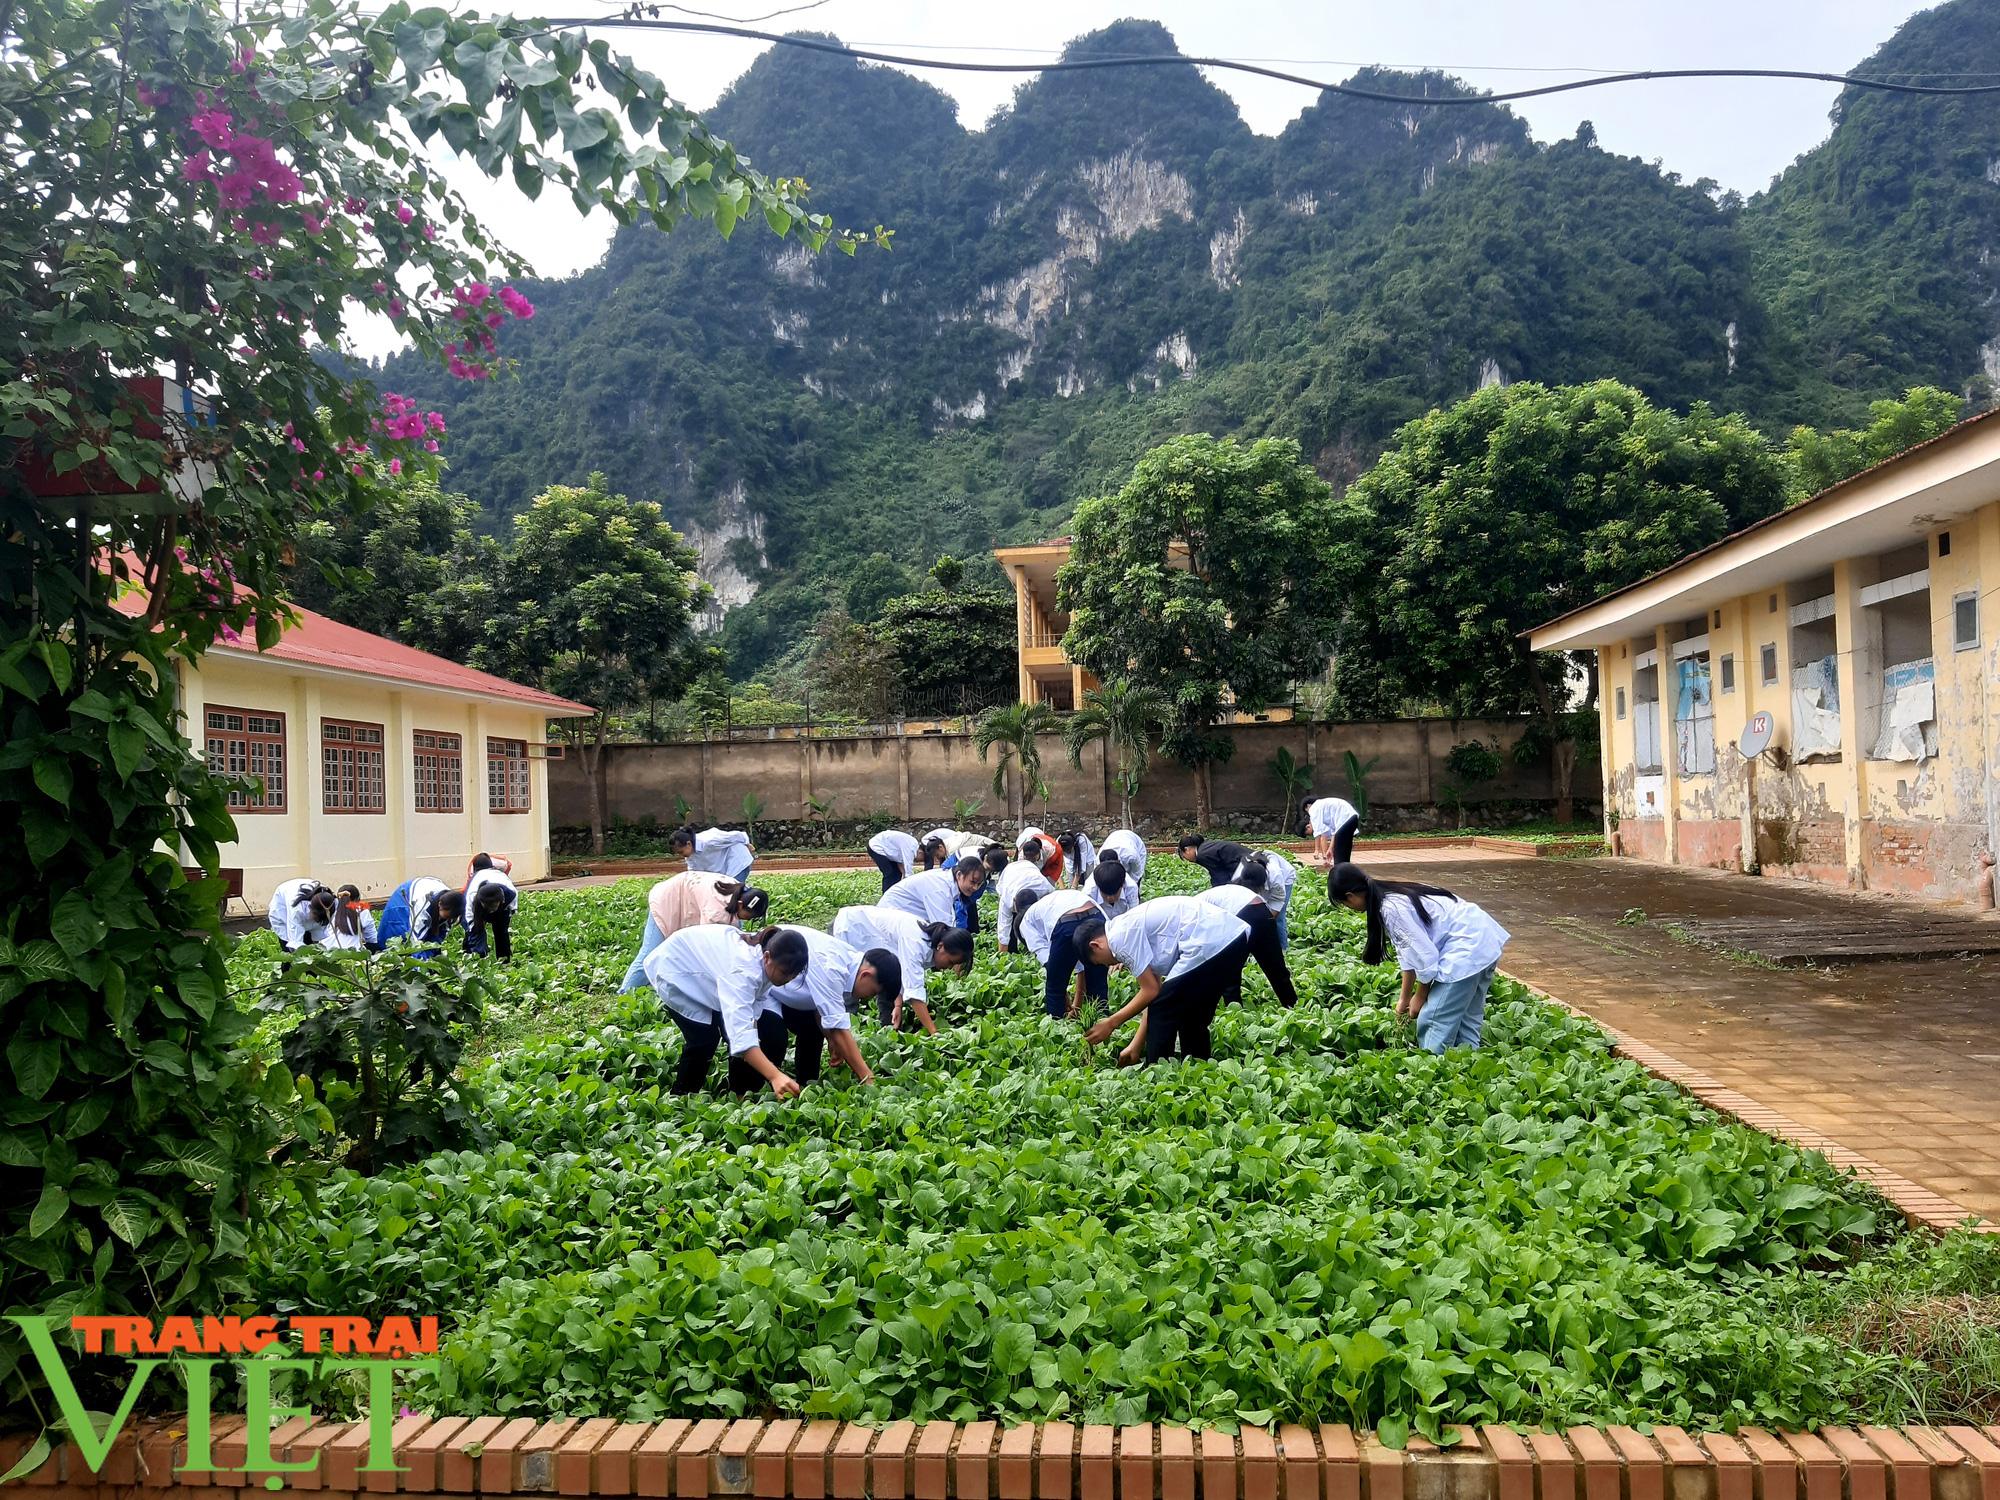 Trường PTDT Nội trú: Nơi chắp cánh ước mơ cho học sinh dân tộc - Ảnh 6.